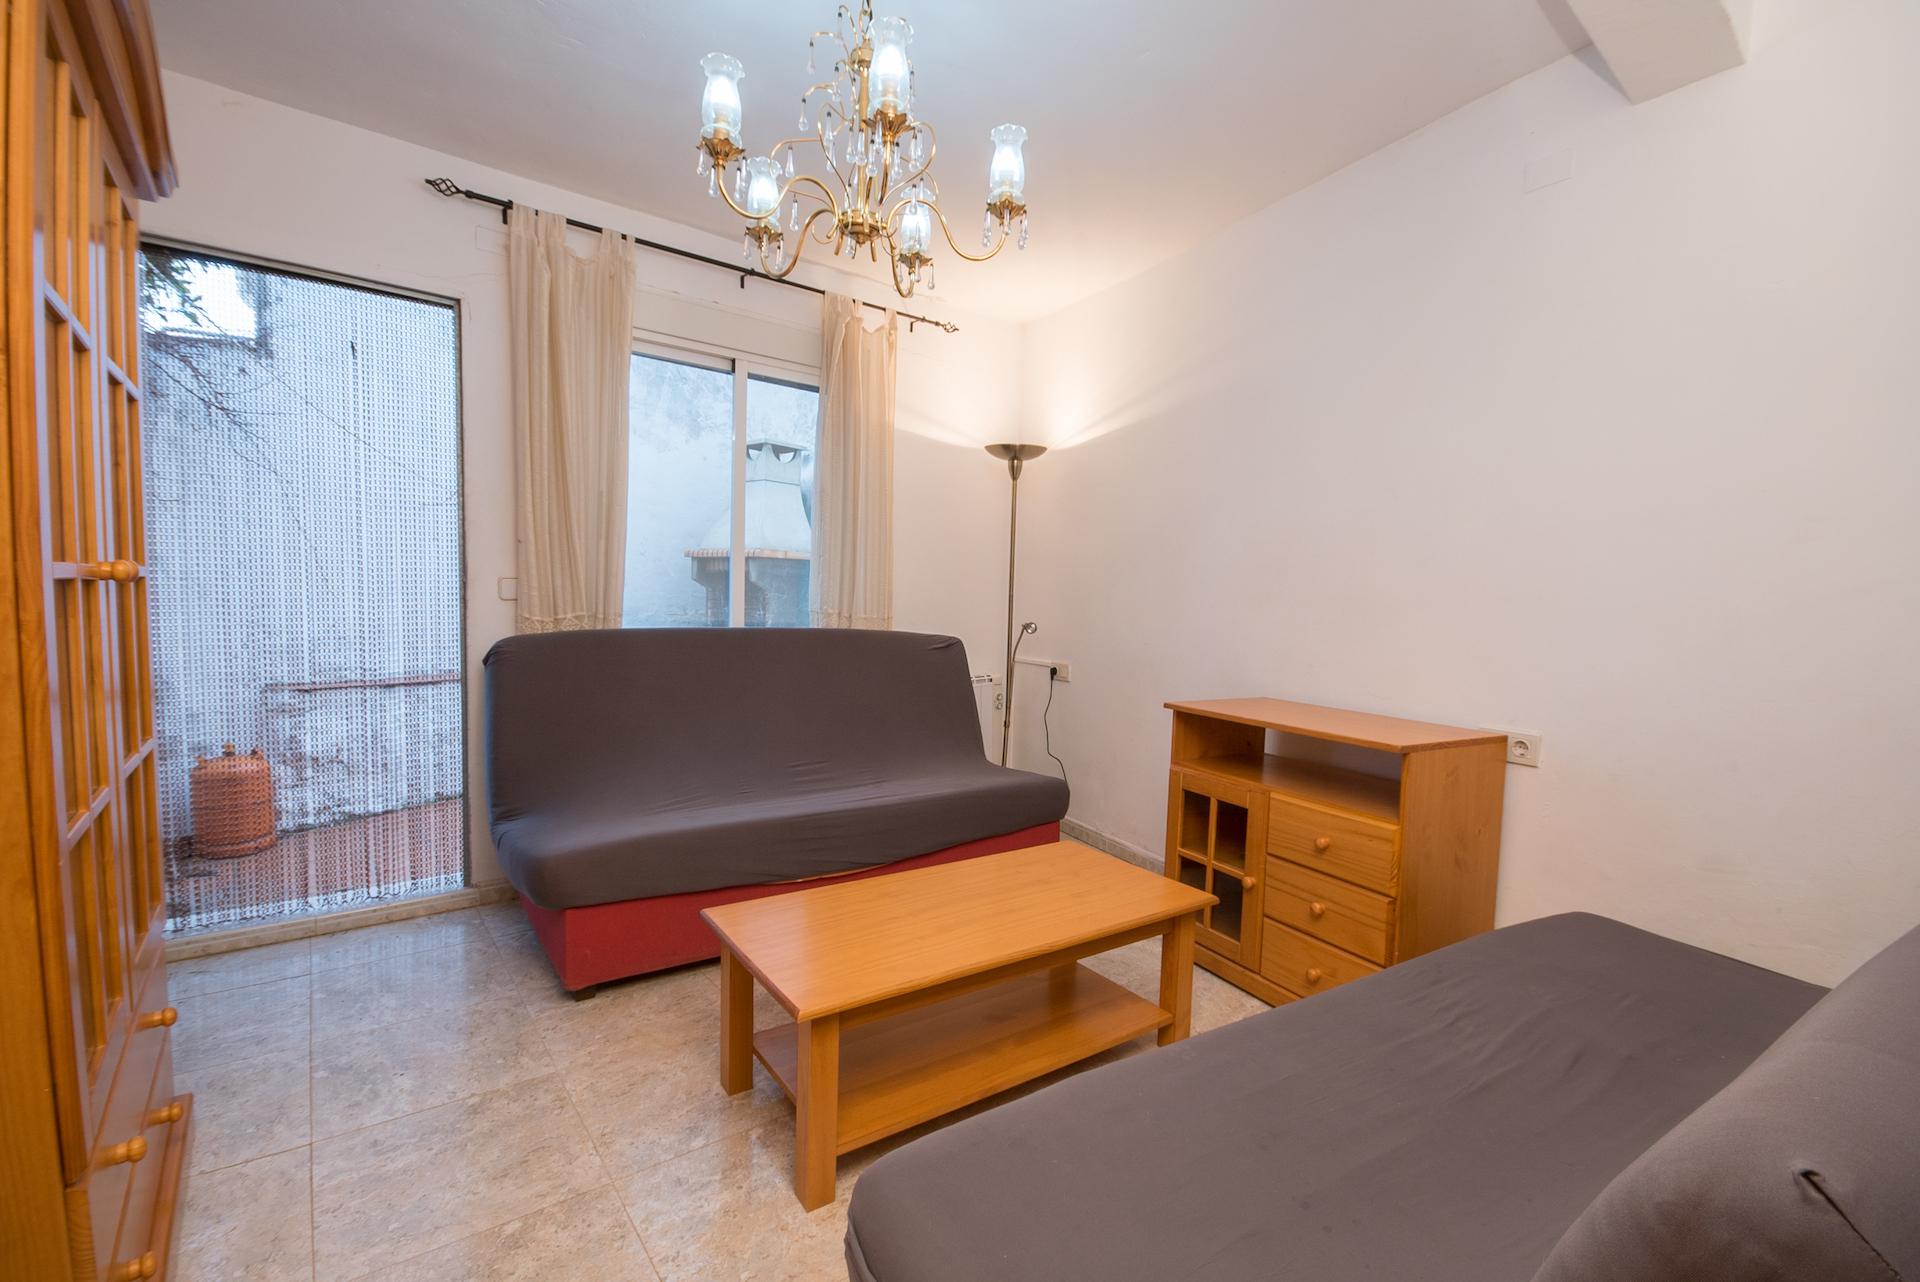 Caudiel - Casa Maestro - Salón Sofá cama y terraza barbacoa